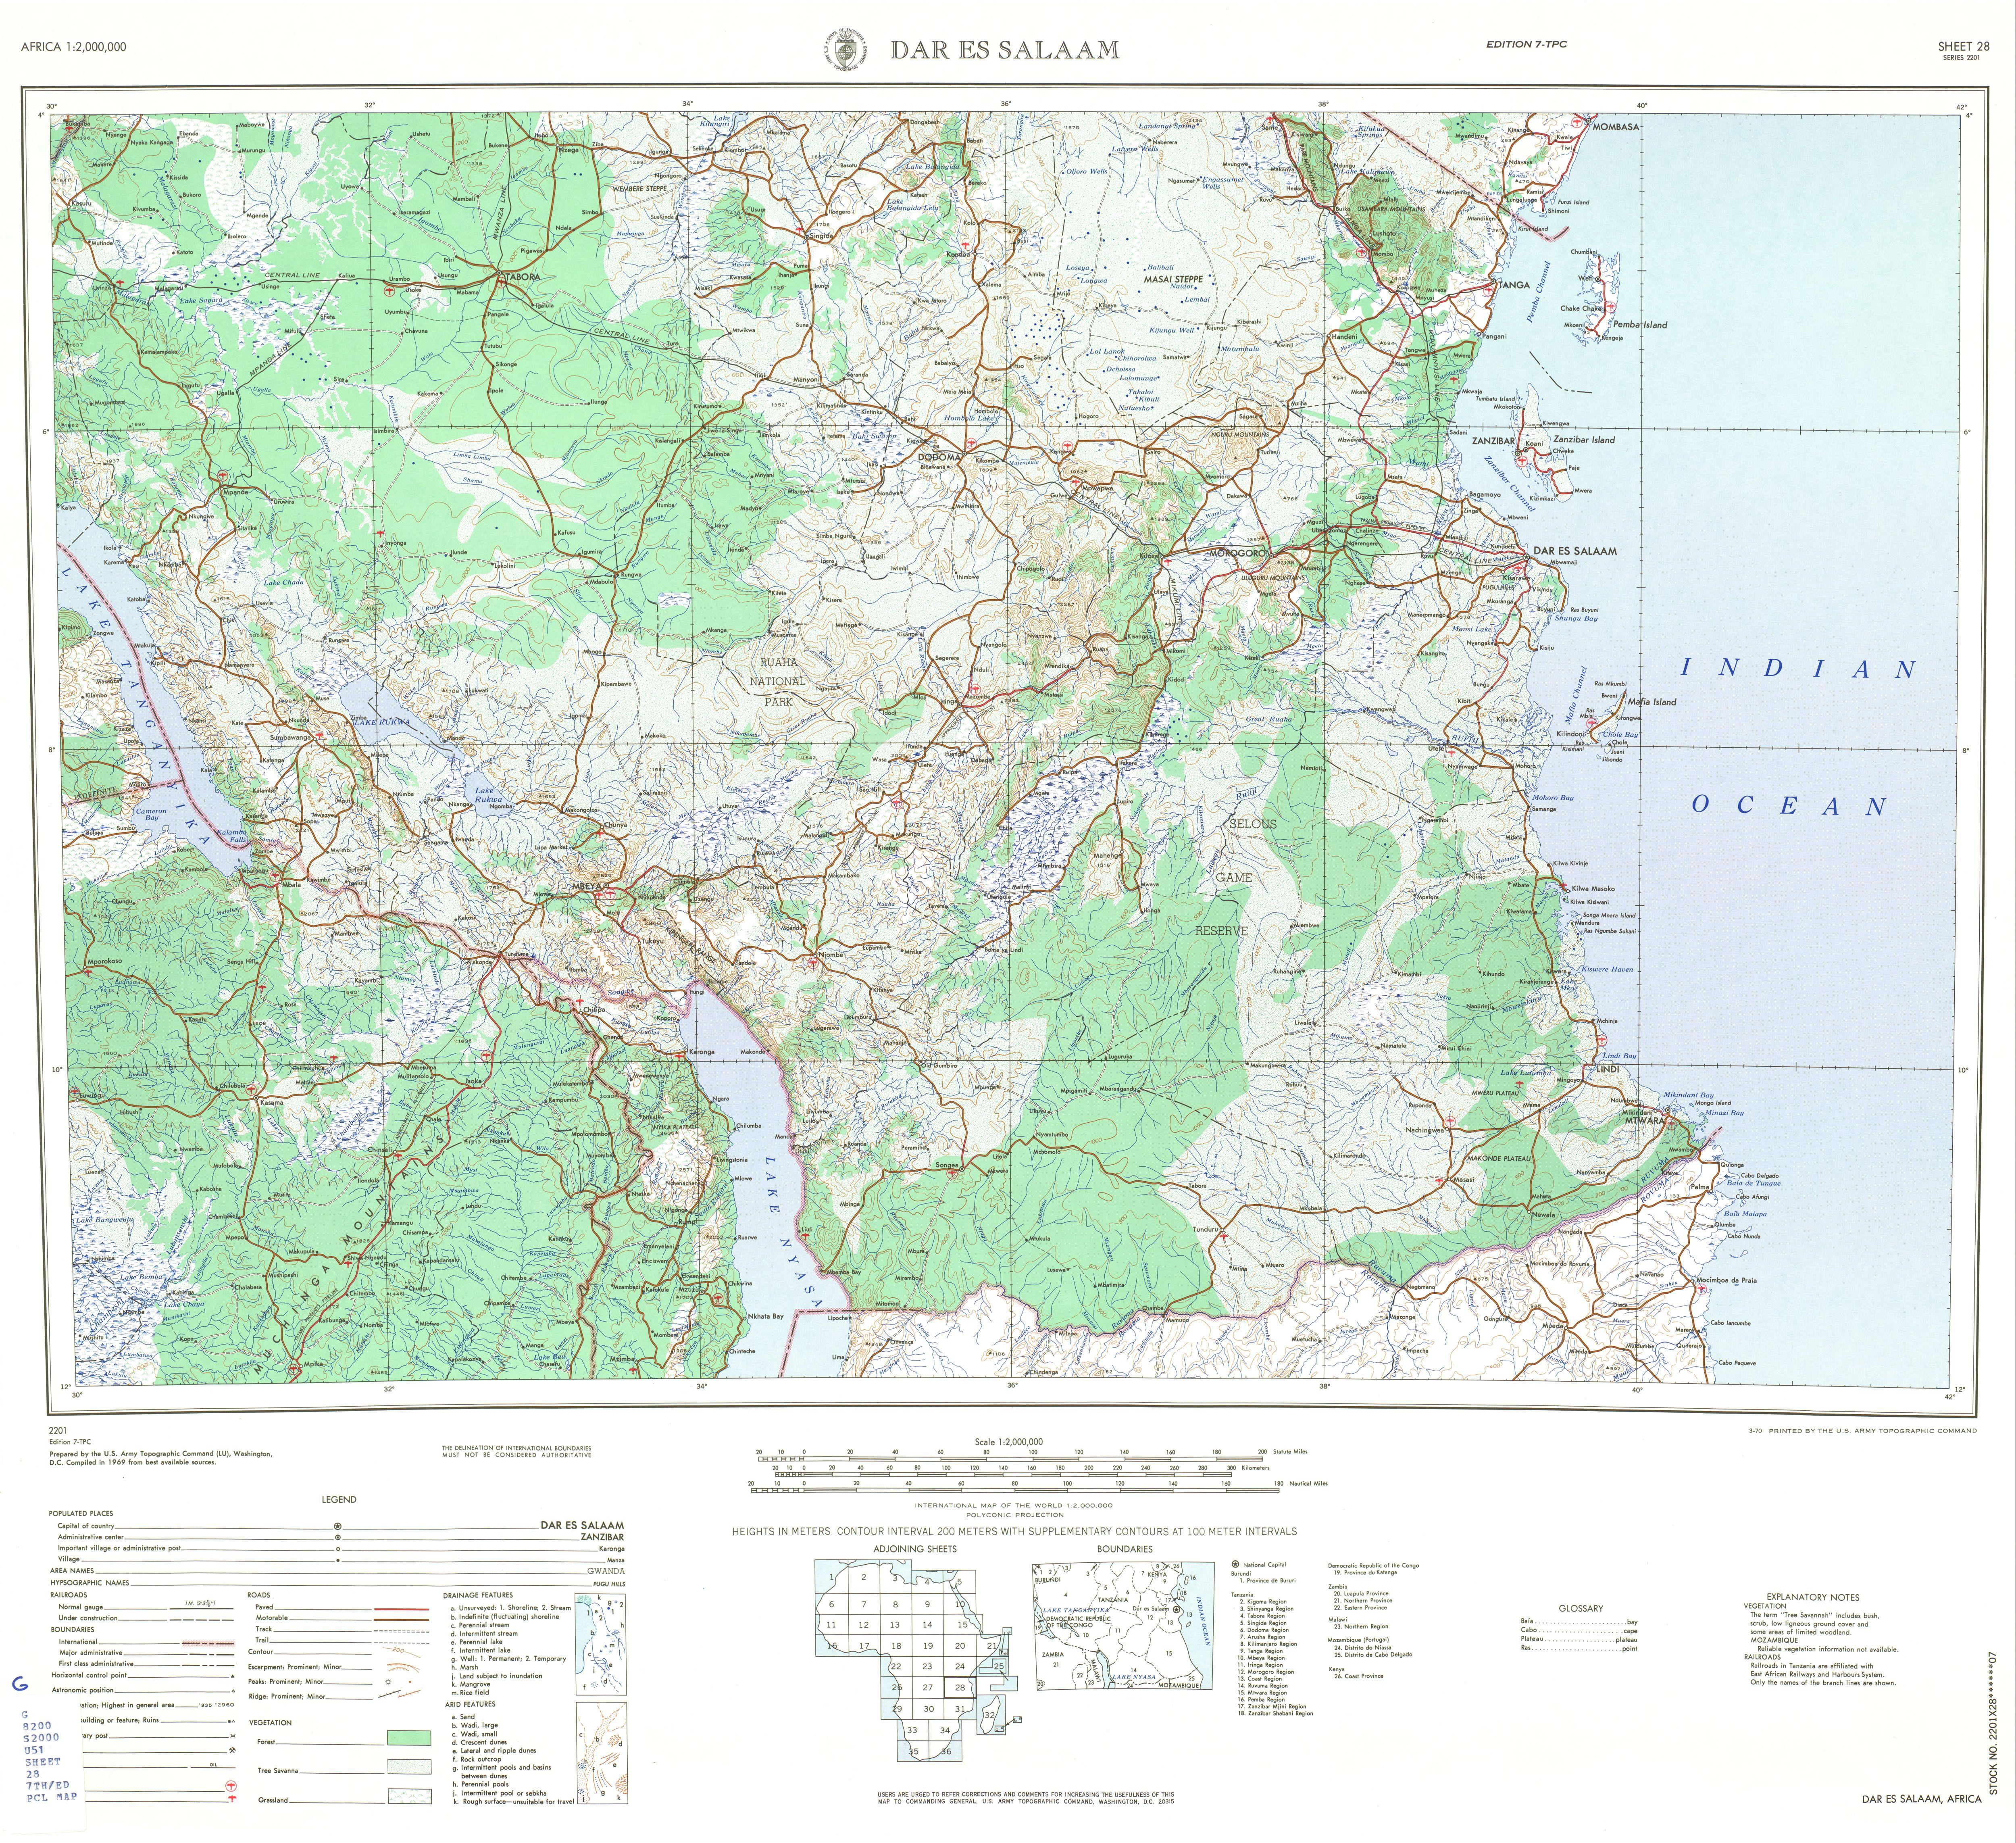 Hoja Dar es Salaam del Mapa Topográfico de África 1969